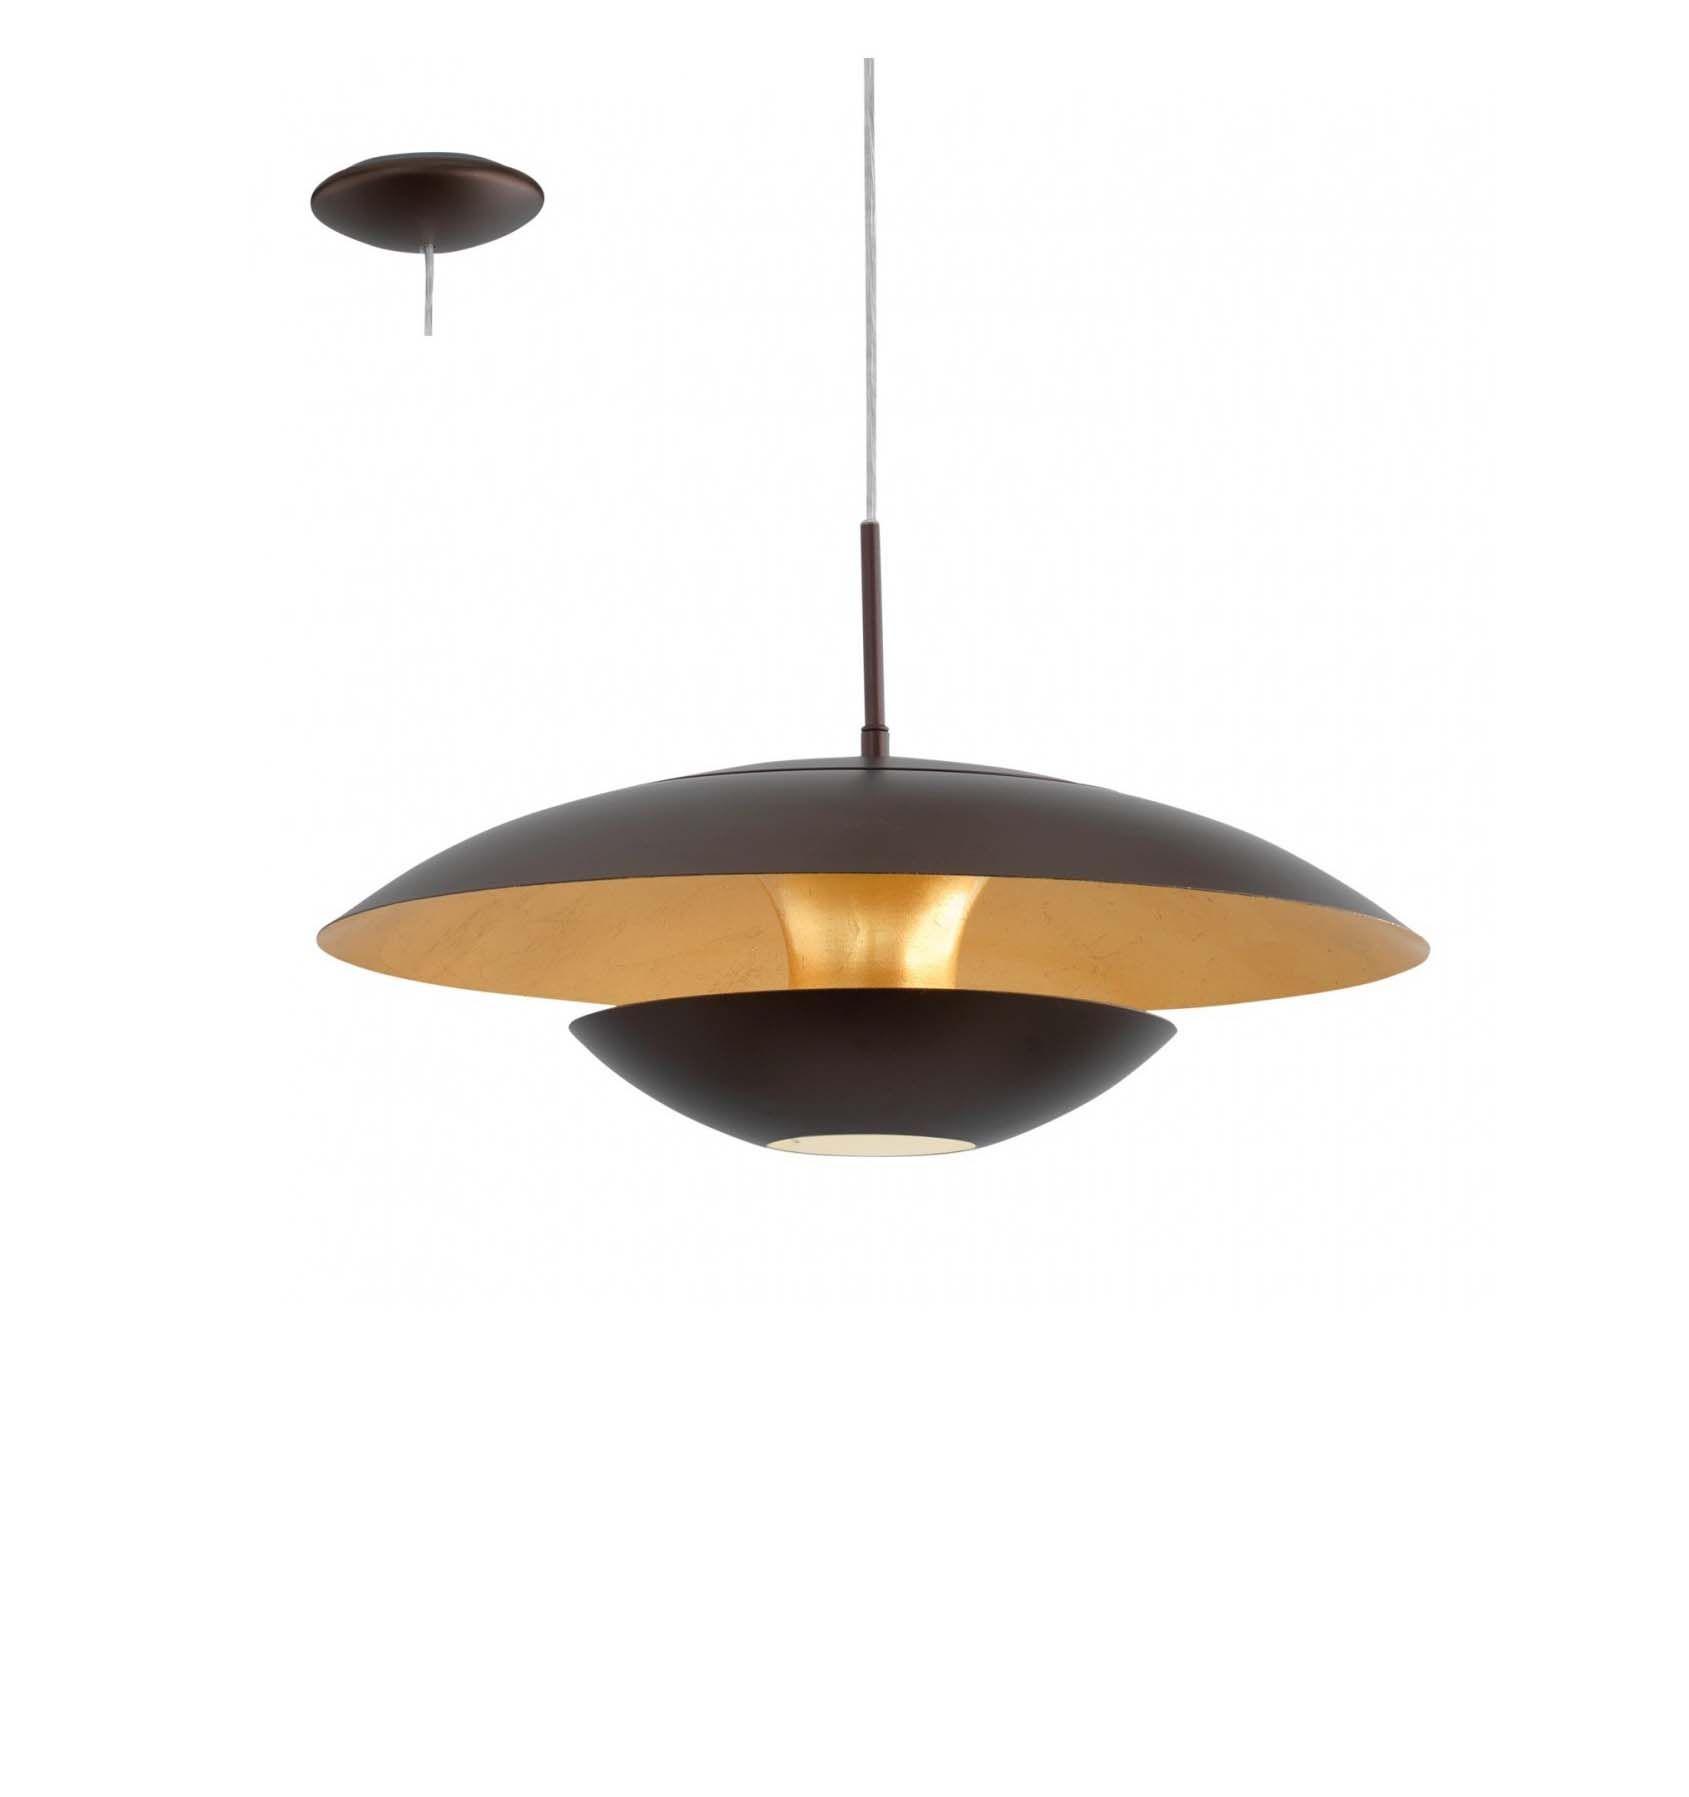 Lampadario Moderno Design.Lampadario Moderno Design Struttura In Metallo Colore